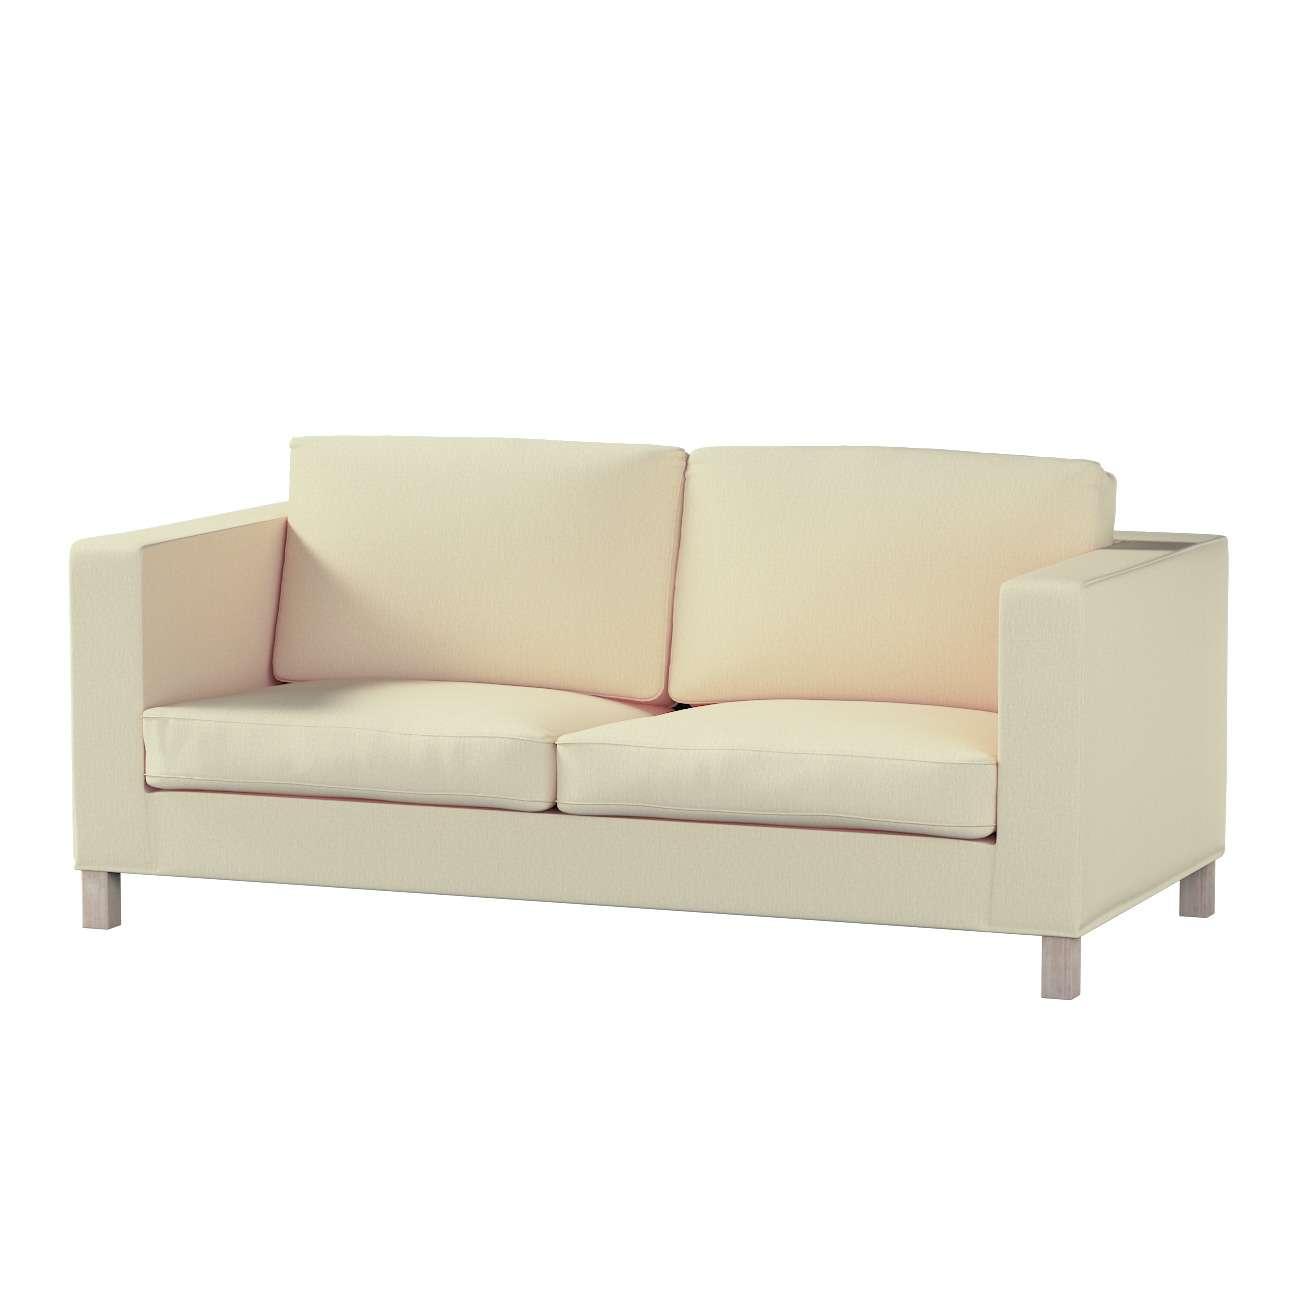 KARLANDA sofos lovos užvalkalas KARLANDA sofos lovos užvalkalas kolekcijoje Chenille, audinys: 702-22